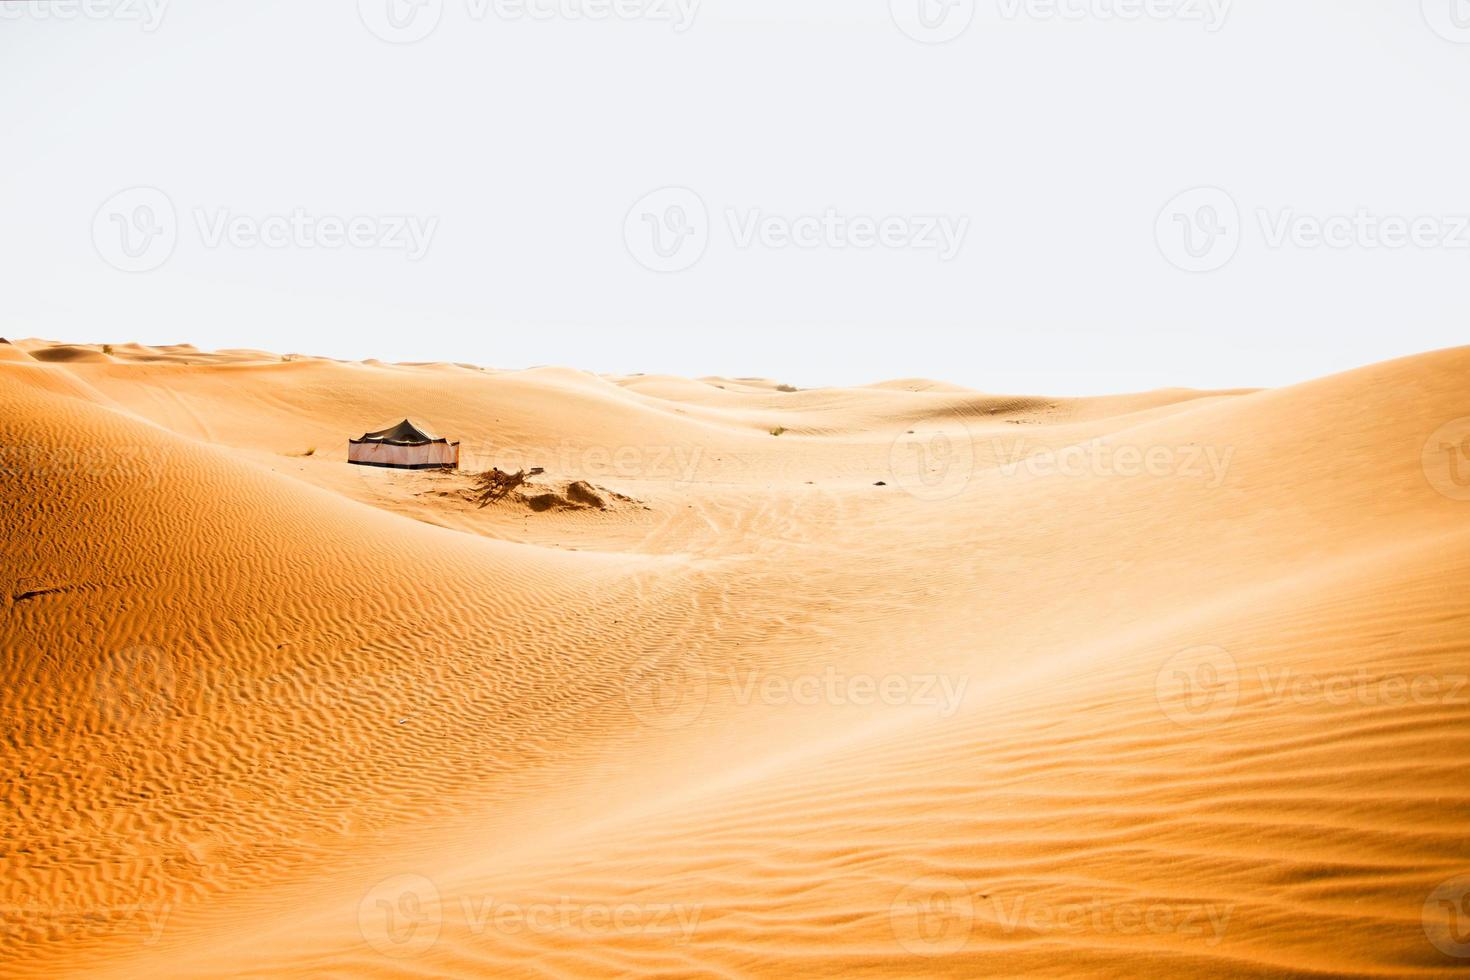 Big tent in a desert photo